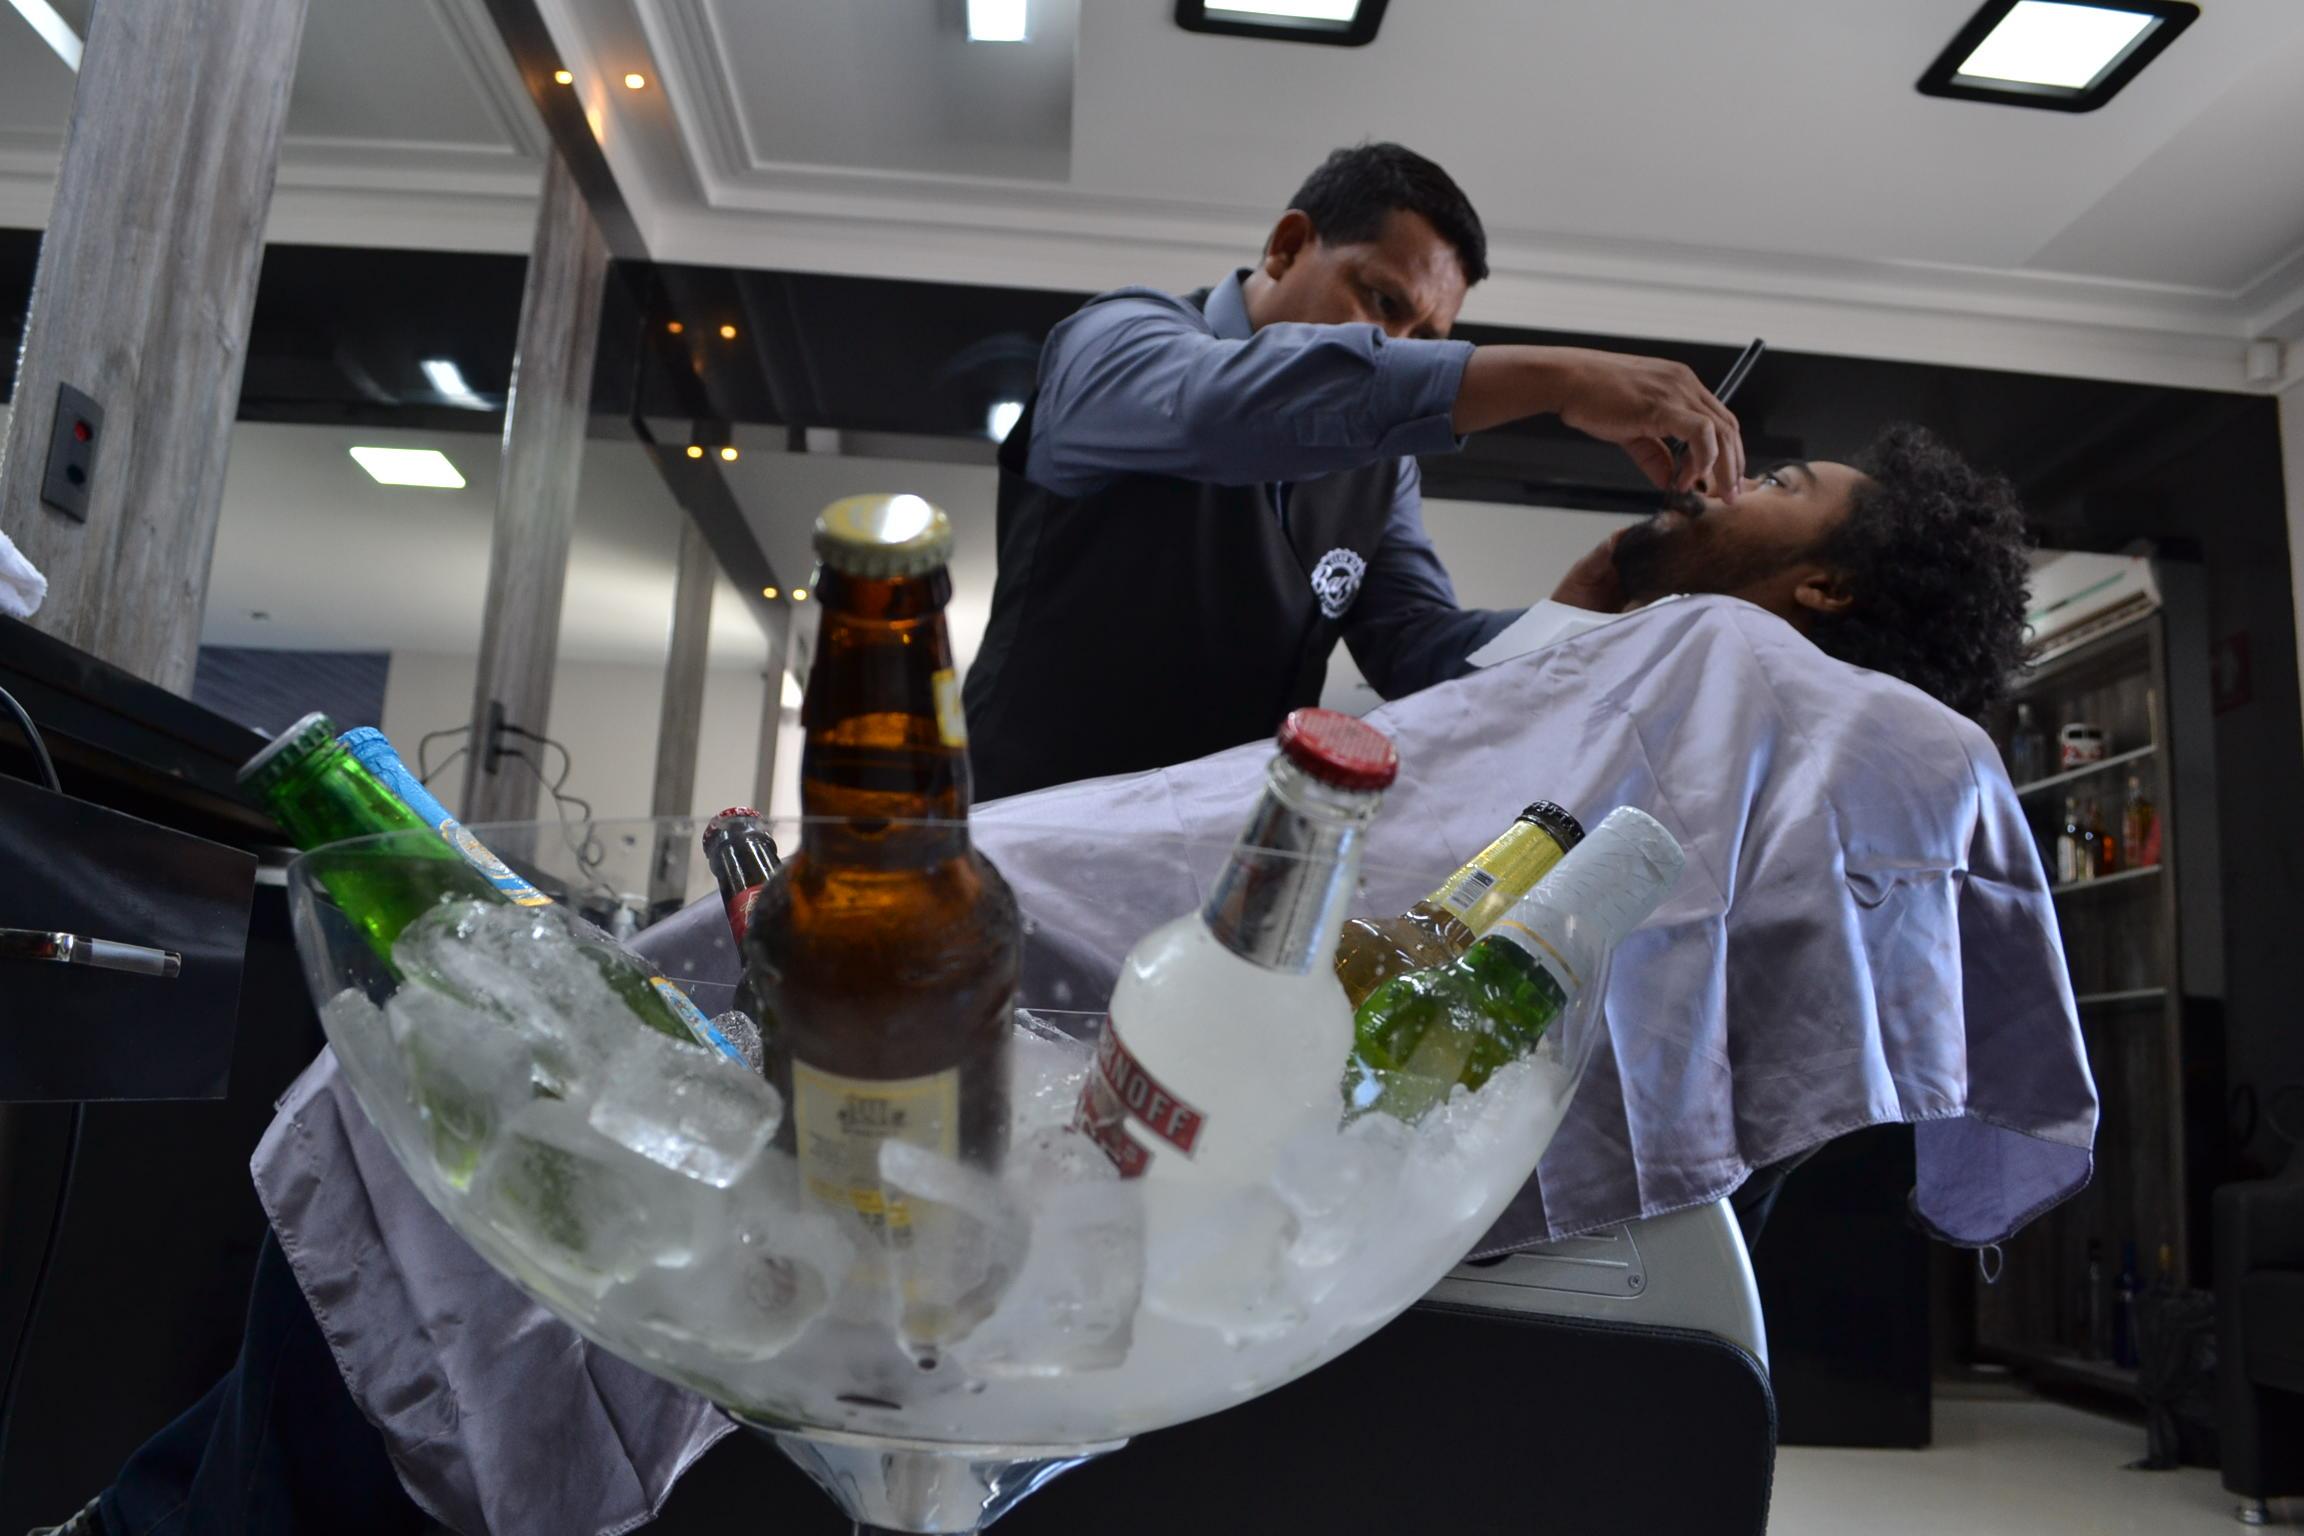 Club da Barba: Salão para homens inova em atendimento e serviços